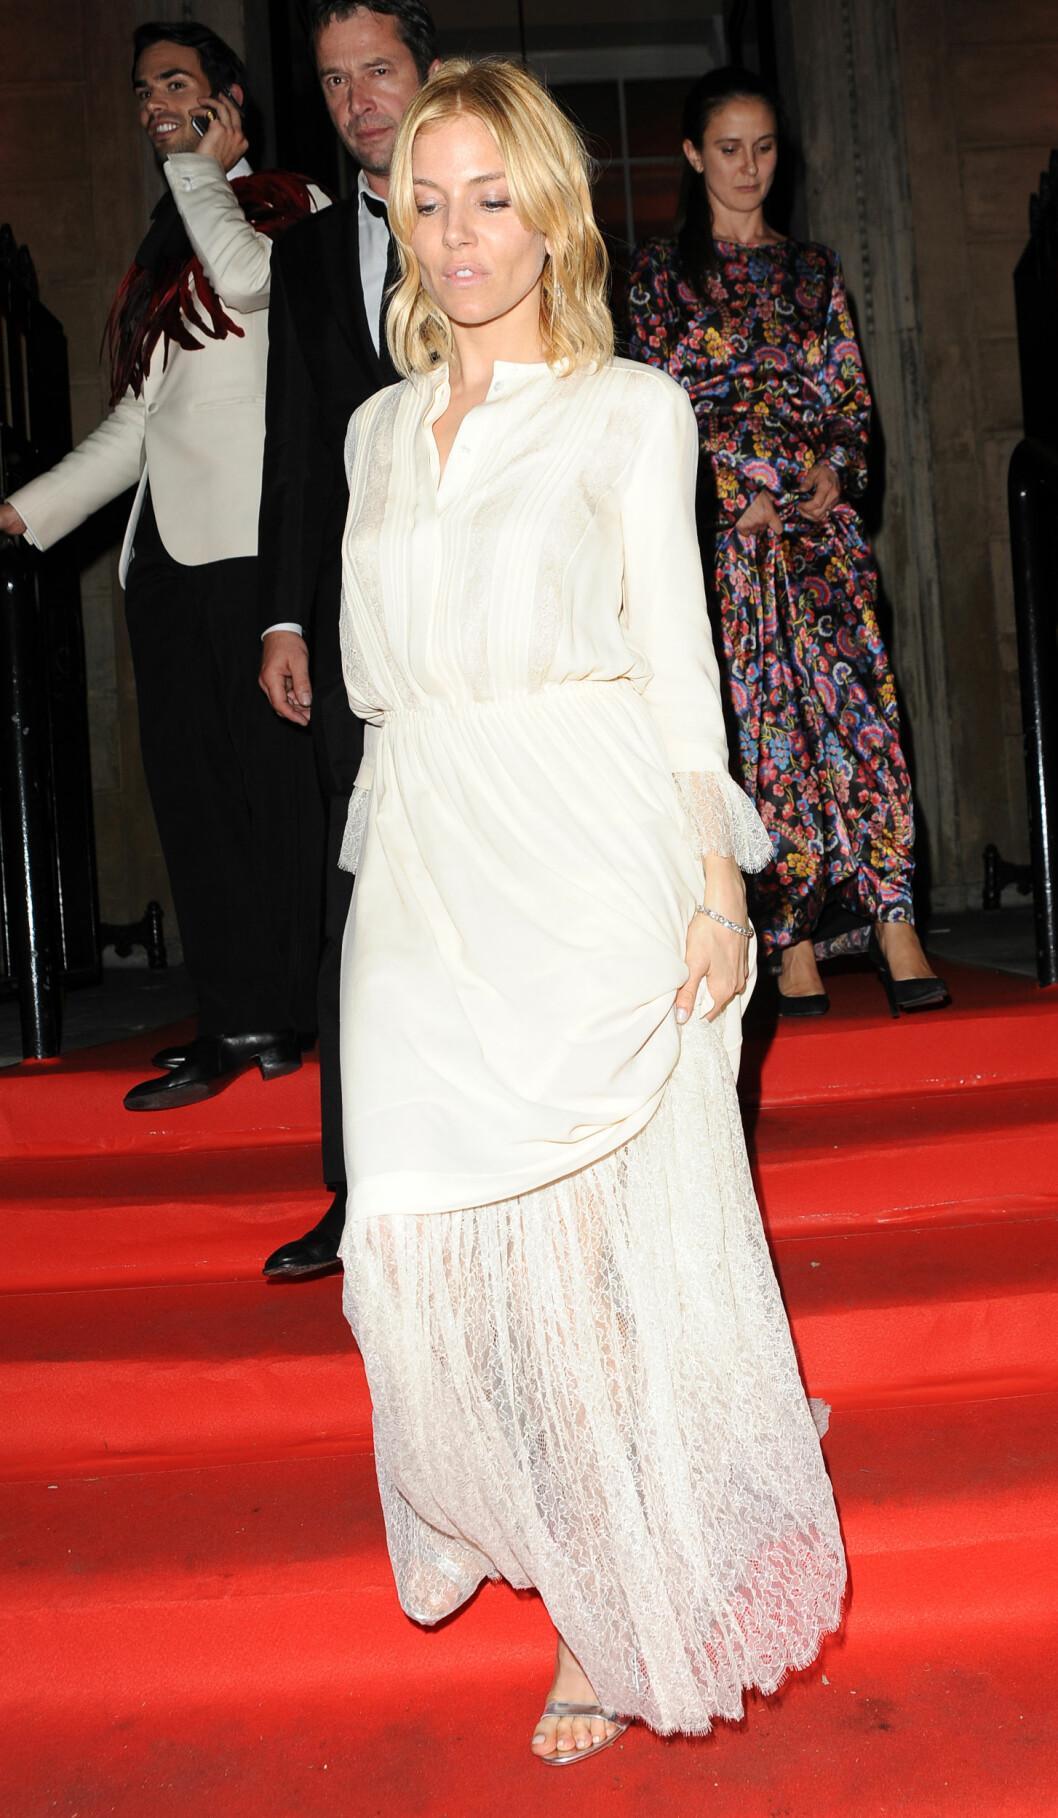 YNDIG: Skuespiller Sienna Miller droppet tilsynelatende masken på VIP-festen, til fordel for en hvit blondekjole og sølvsko. Foto: Xposure